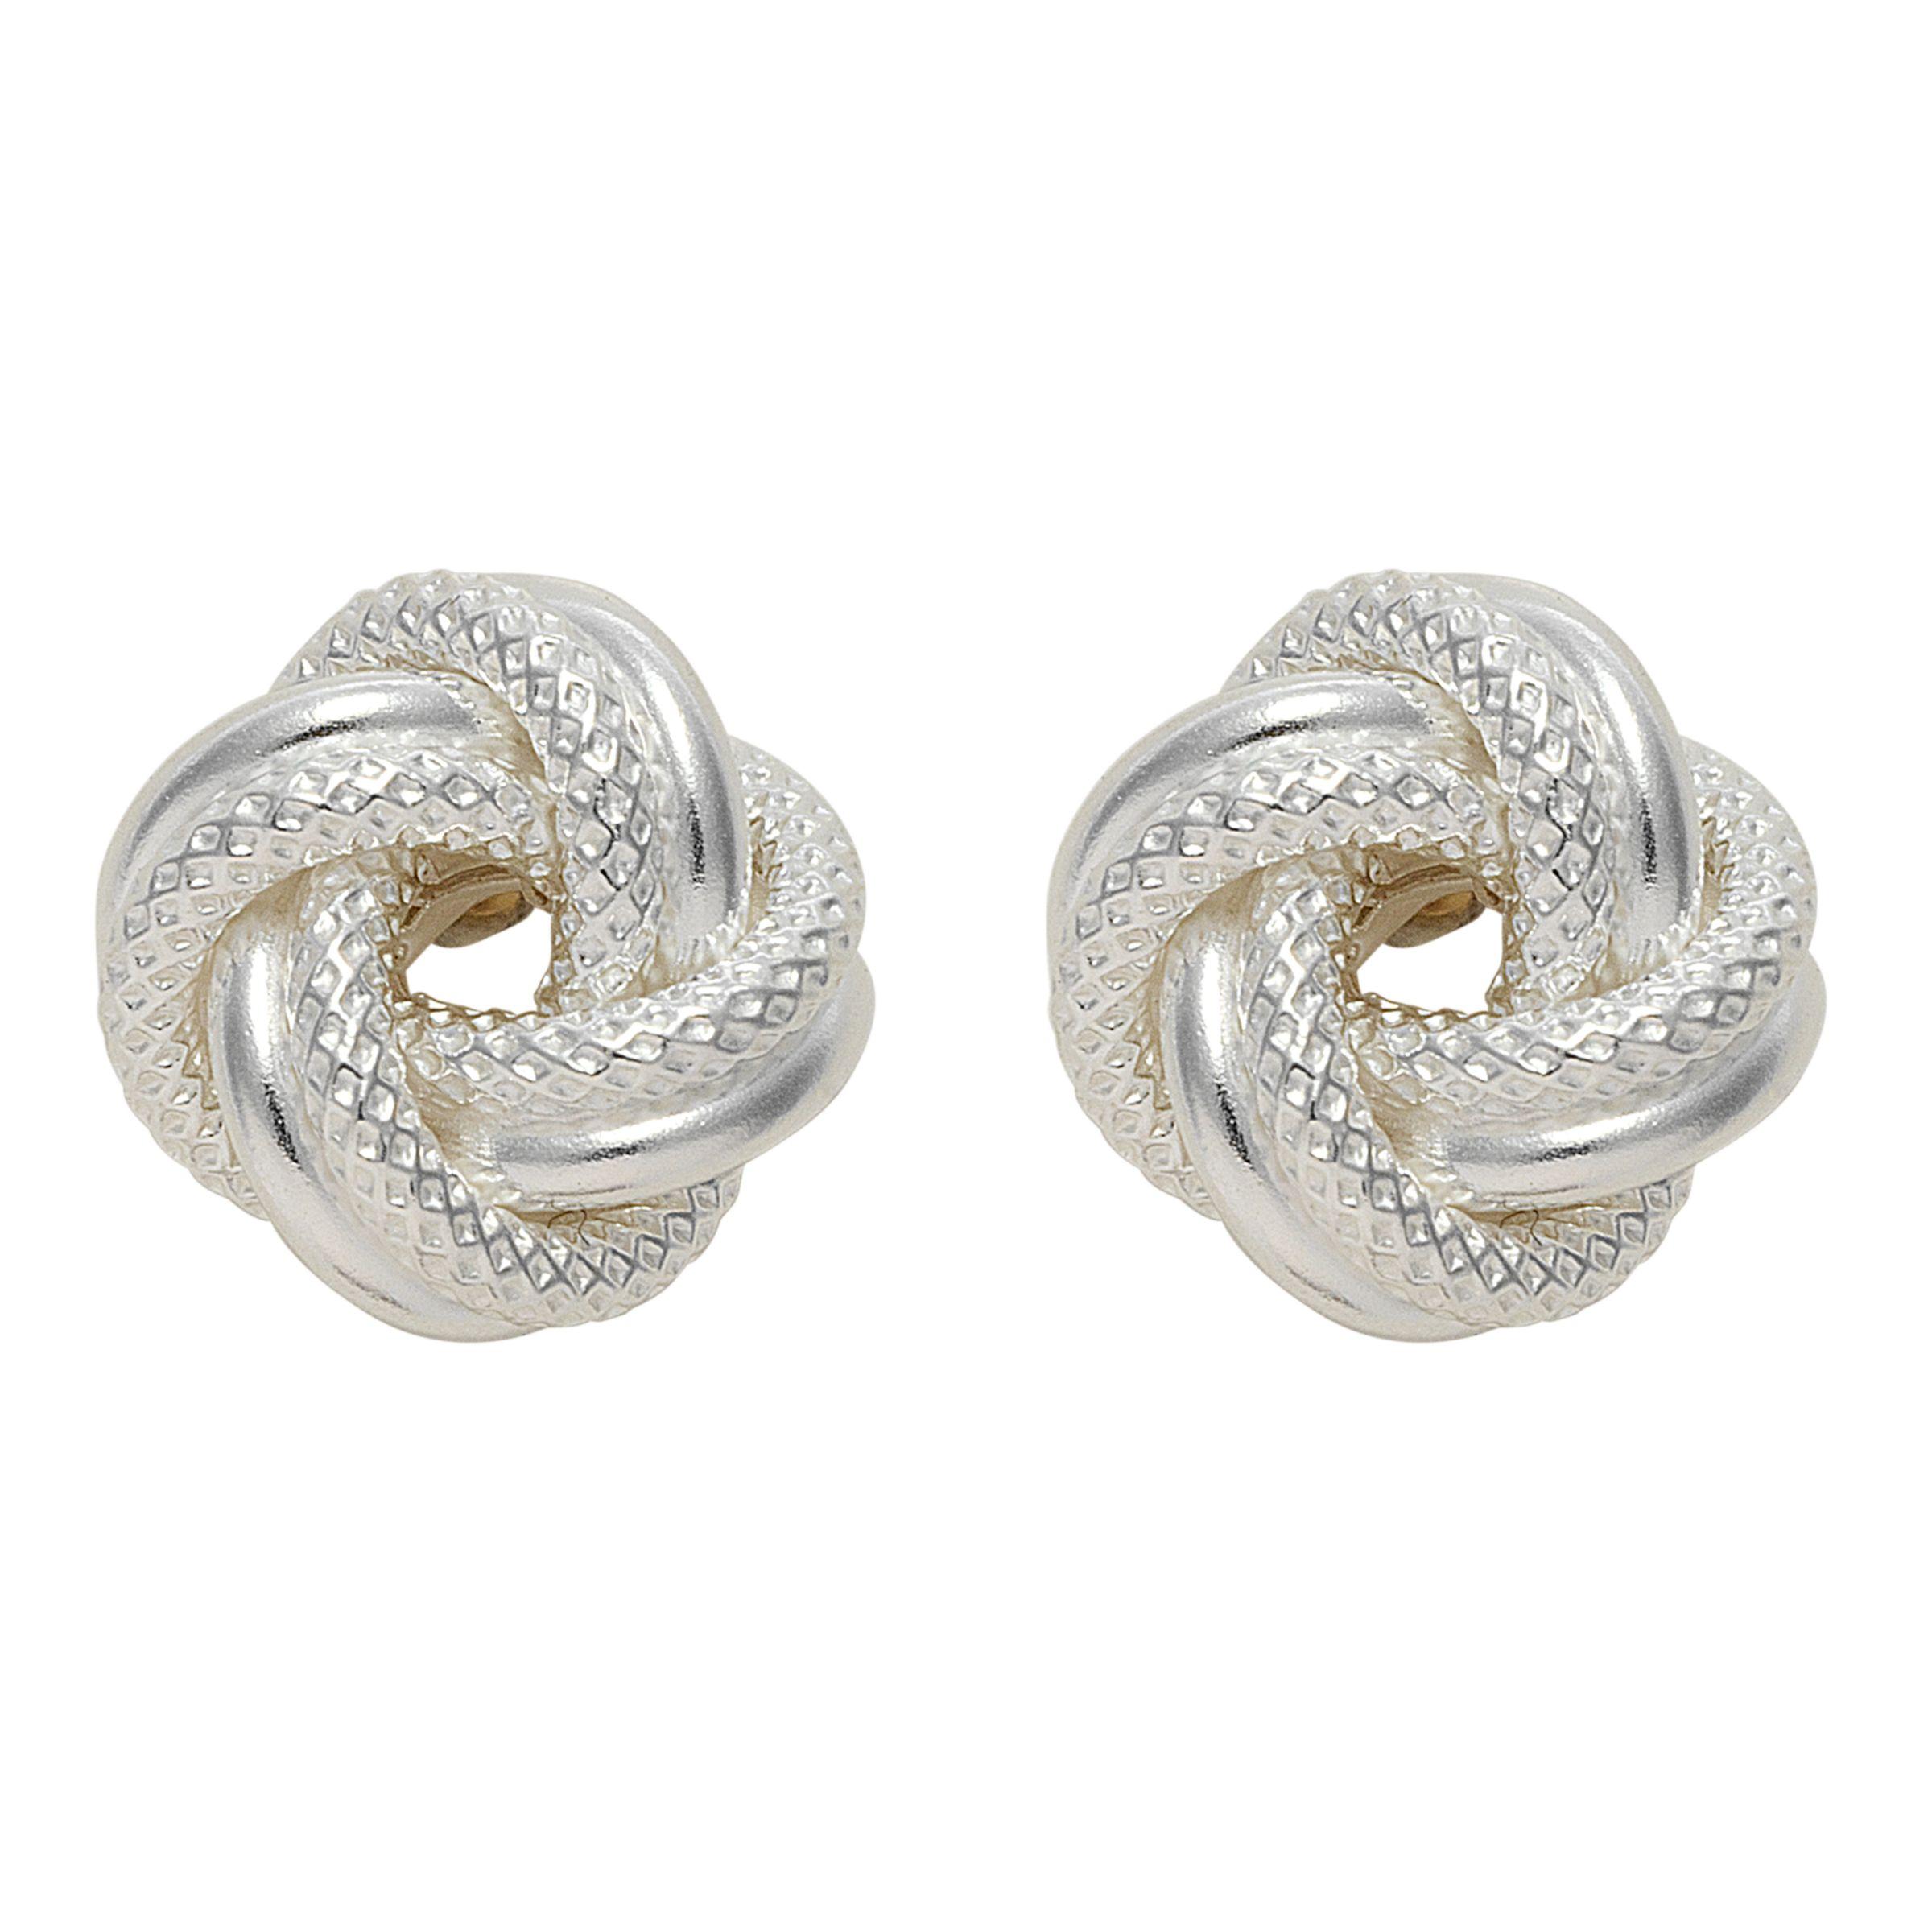 Nina Breddal Silver Knot Twist Earrings, Silver